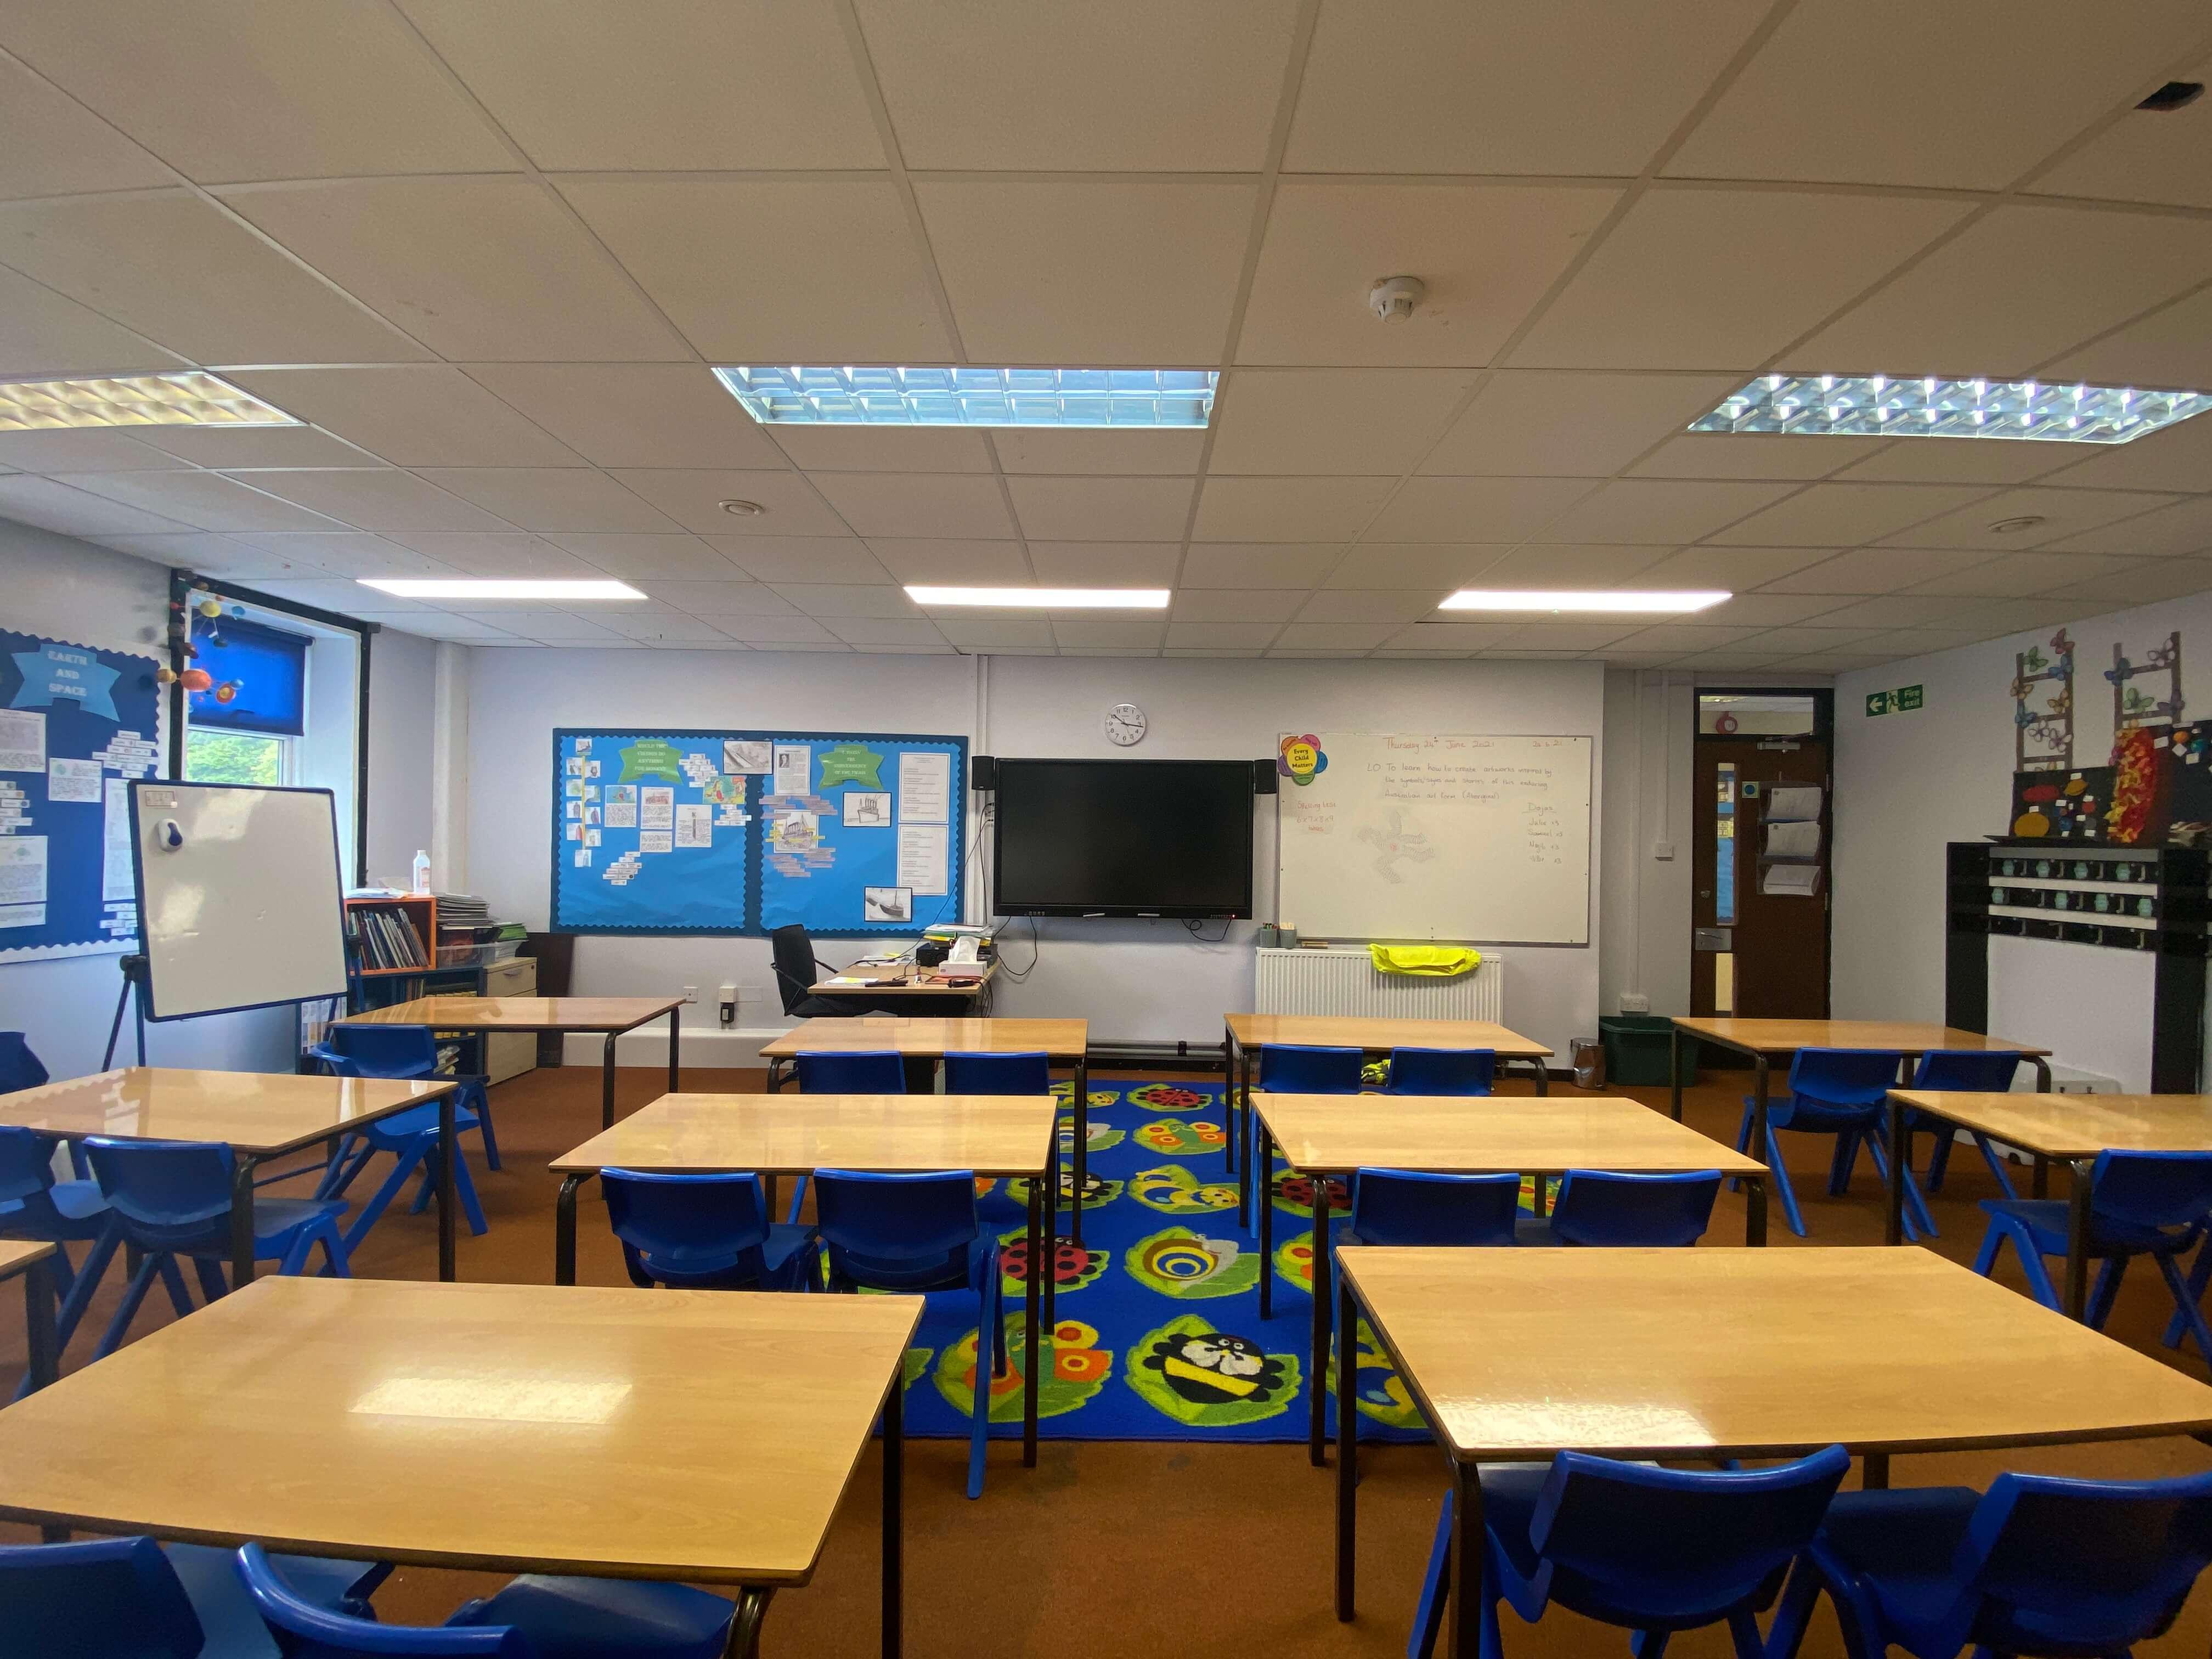 Ferry Lane Primary School Classroom 2